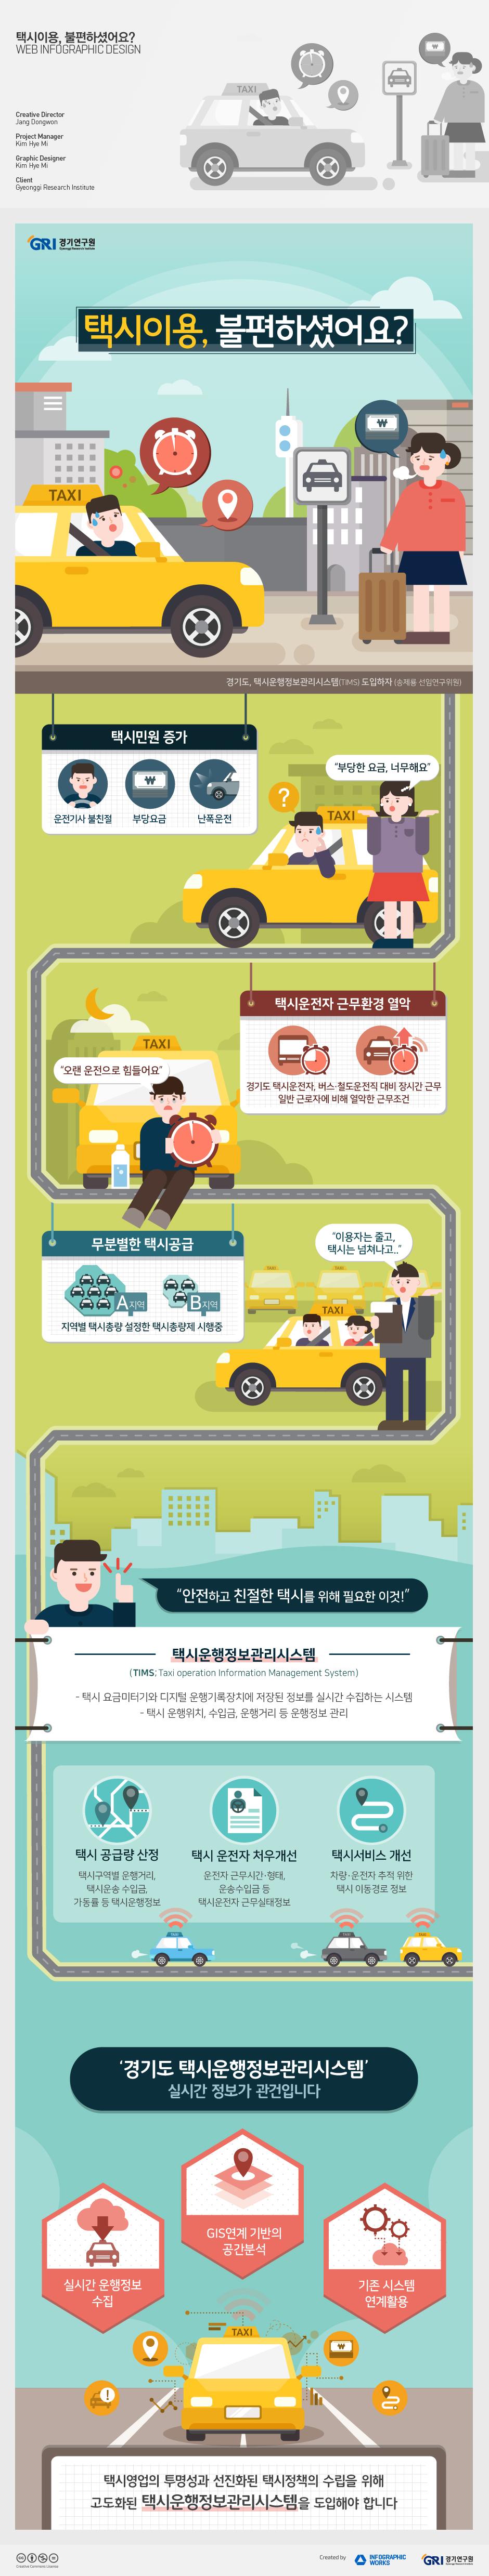 [경기연구원] 택시이용, 불편하셨어요?